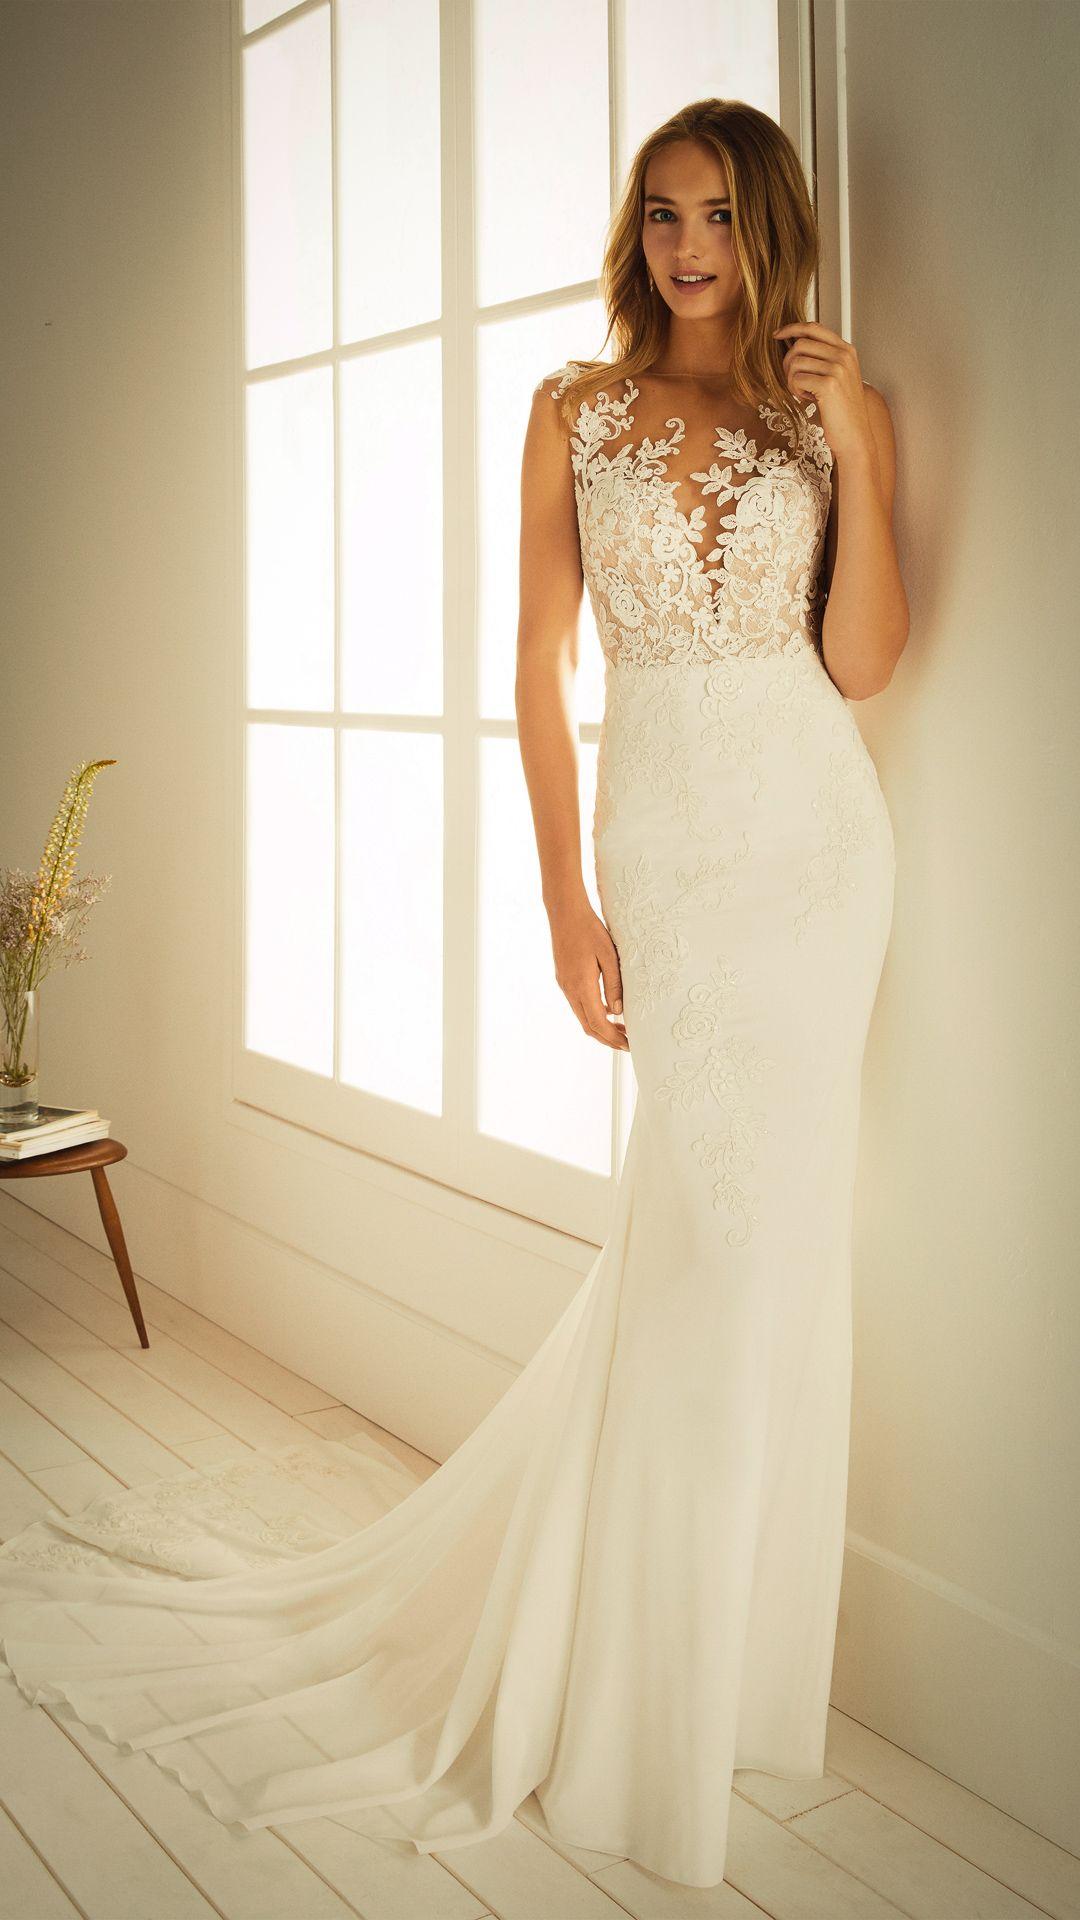 Hochzeitskleider 11 White One Kollektion Modell: OCALA-B